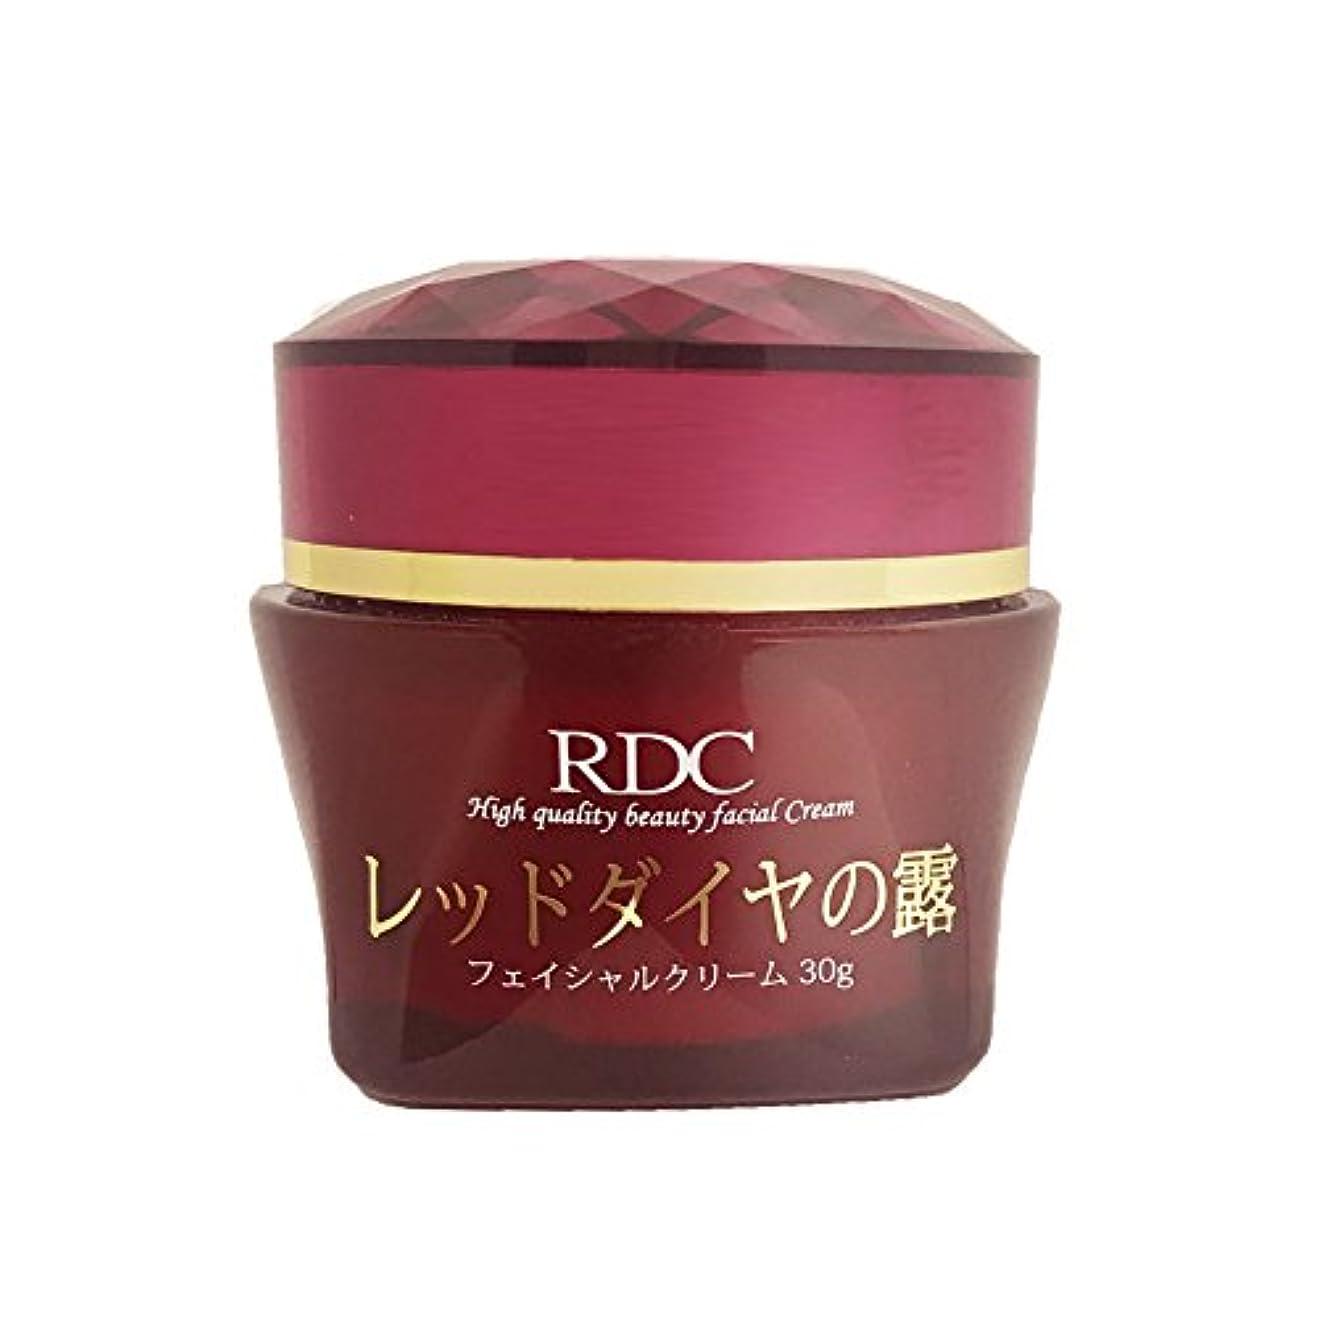 アトラス不和緩めるレッドダイヤの露 フェイシャルクリーム 保湿乳液 日本製